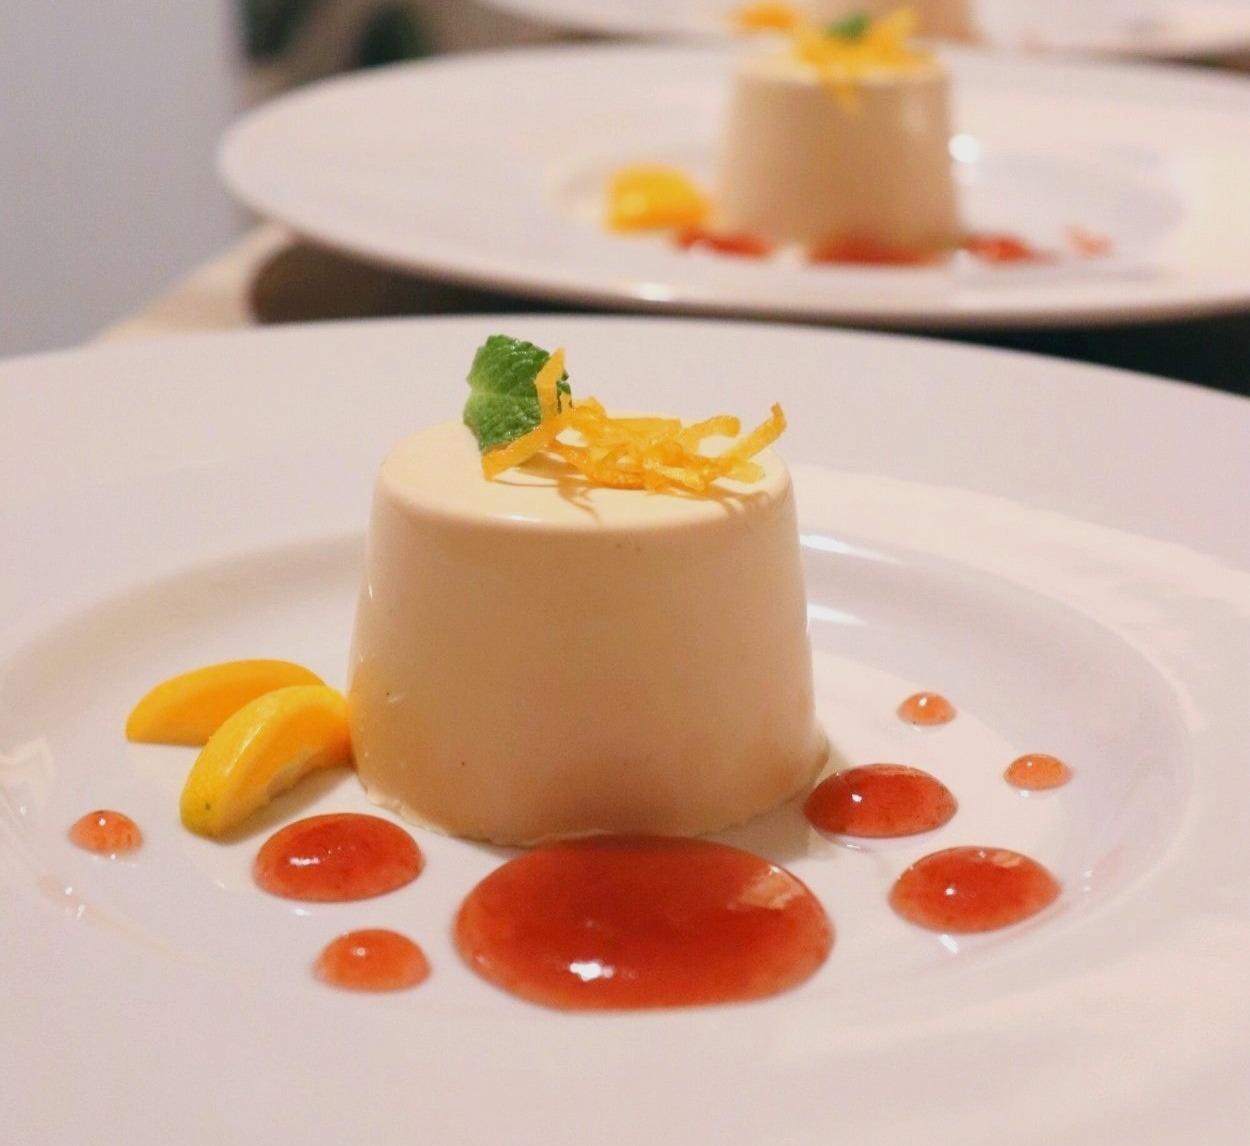 Panna cotta al caramello salato - Confettura alla rosa - Limone candito - Kumquat